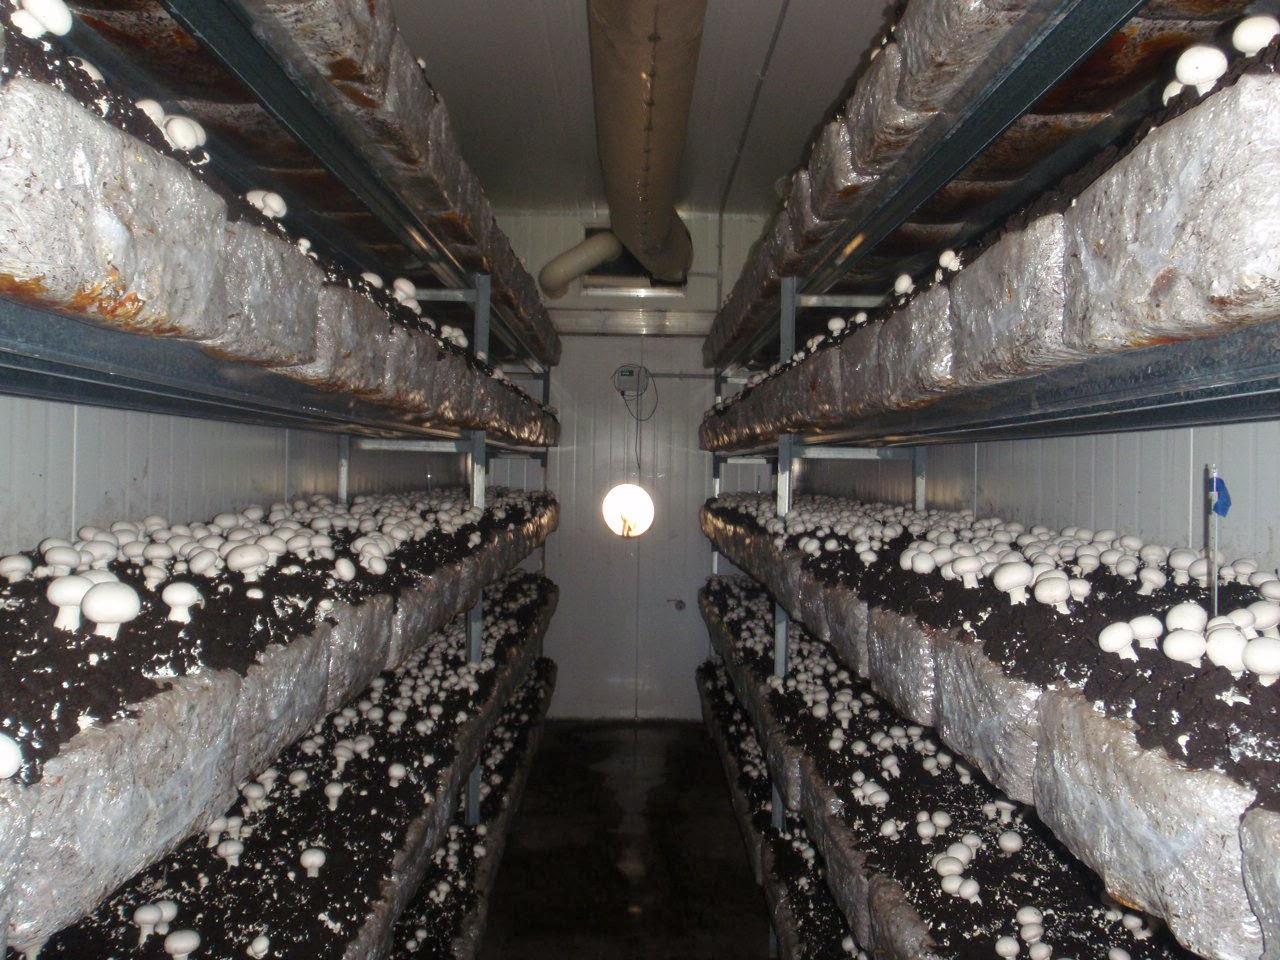 Технология выращивания шампиньонов и промышленного 80